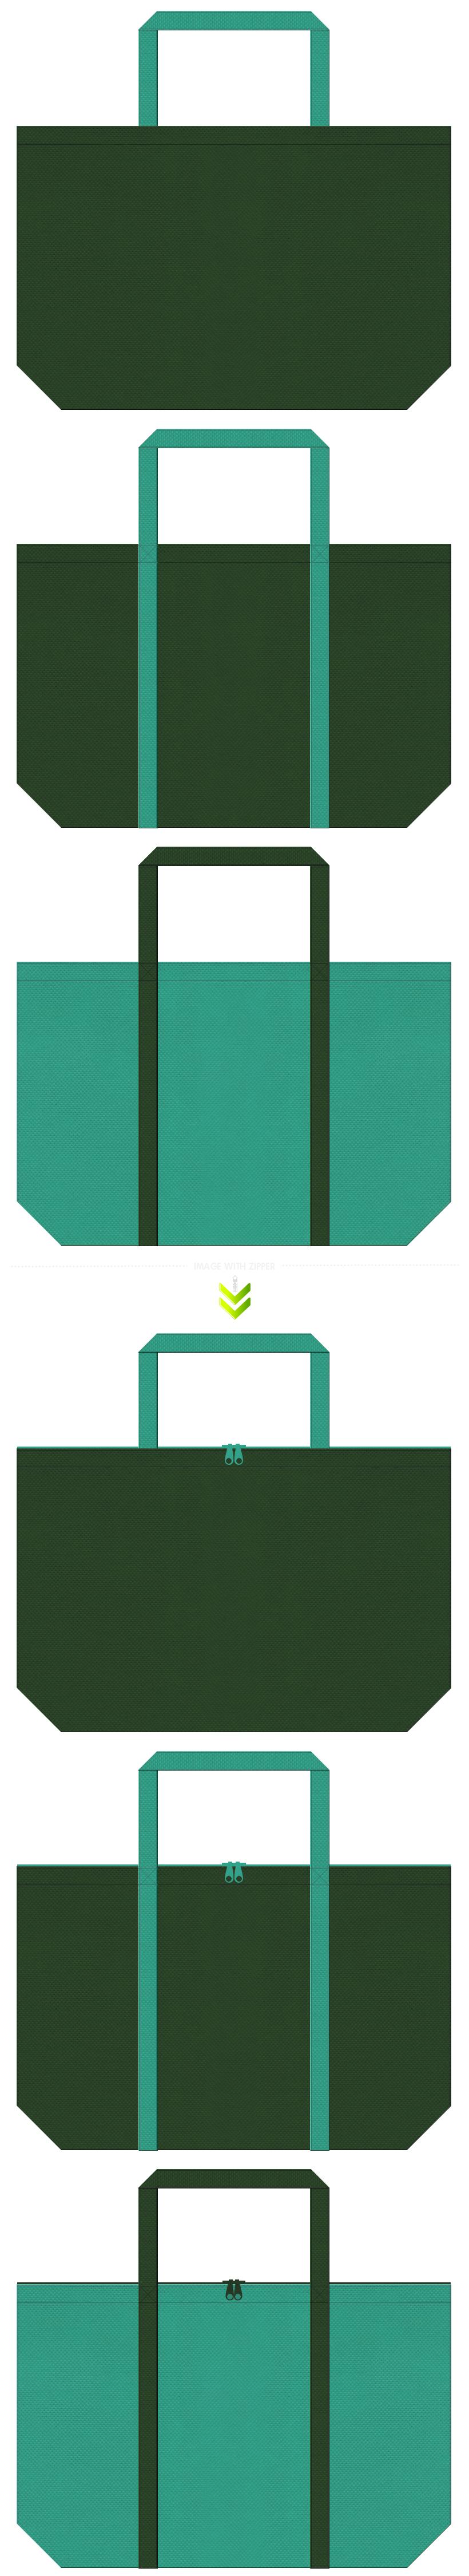 植物園、ガーデニング、屋上緑化イベントのバッグノベルティにお奨めのコーデ。濃緑色と青緑色の不織布バッグデザイン。